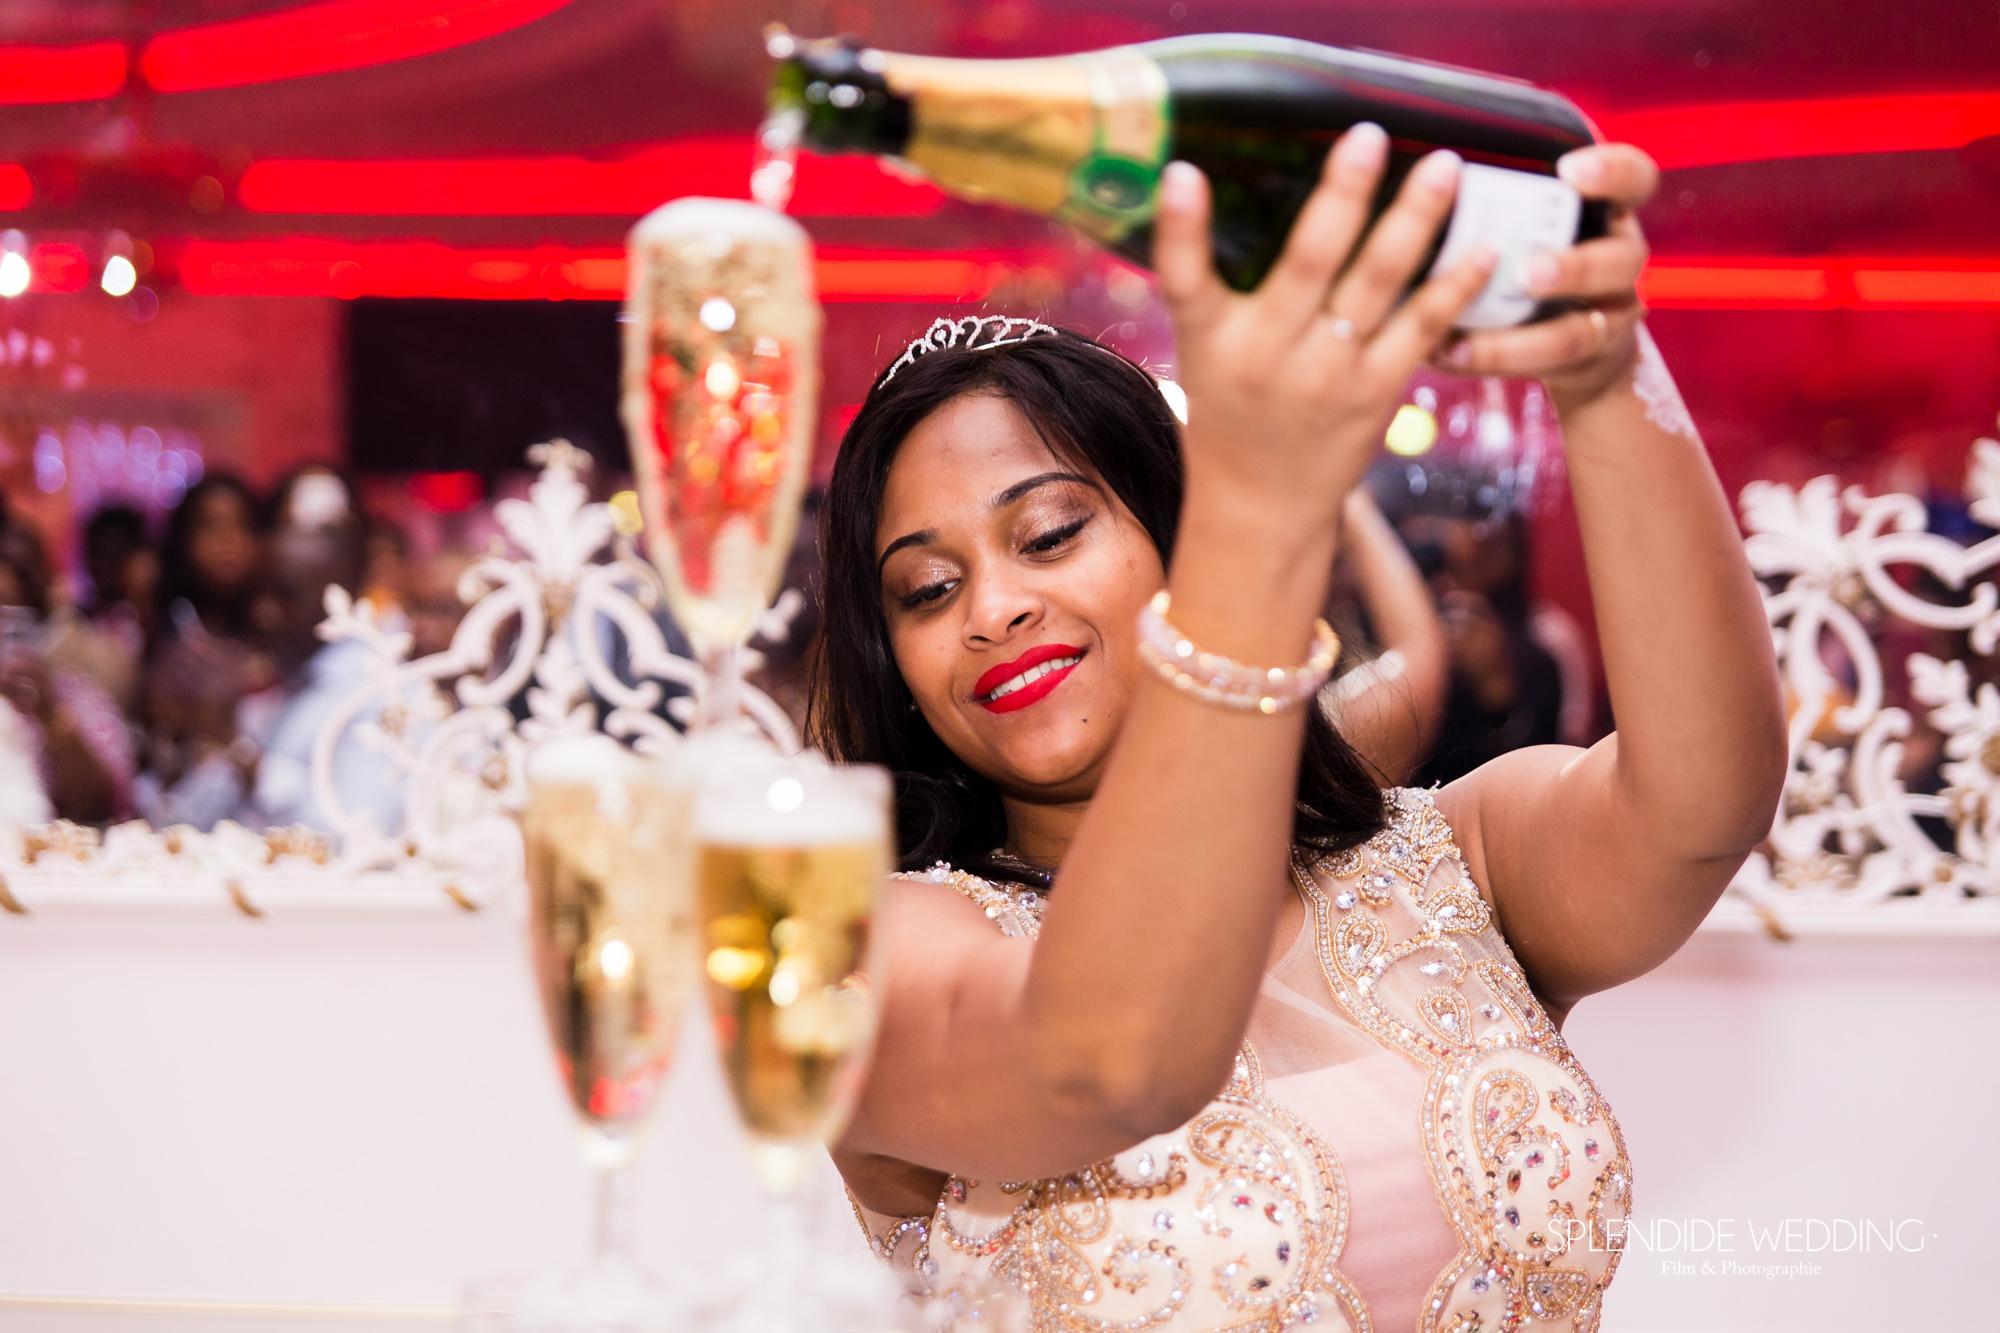 Photographe mariage Paris 19ème Chantal fait pété le champagne